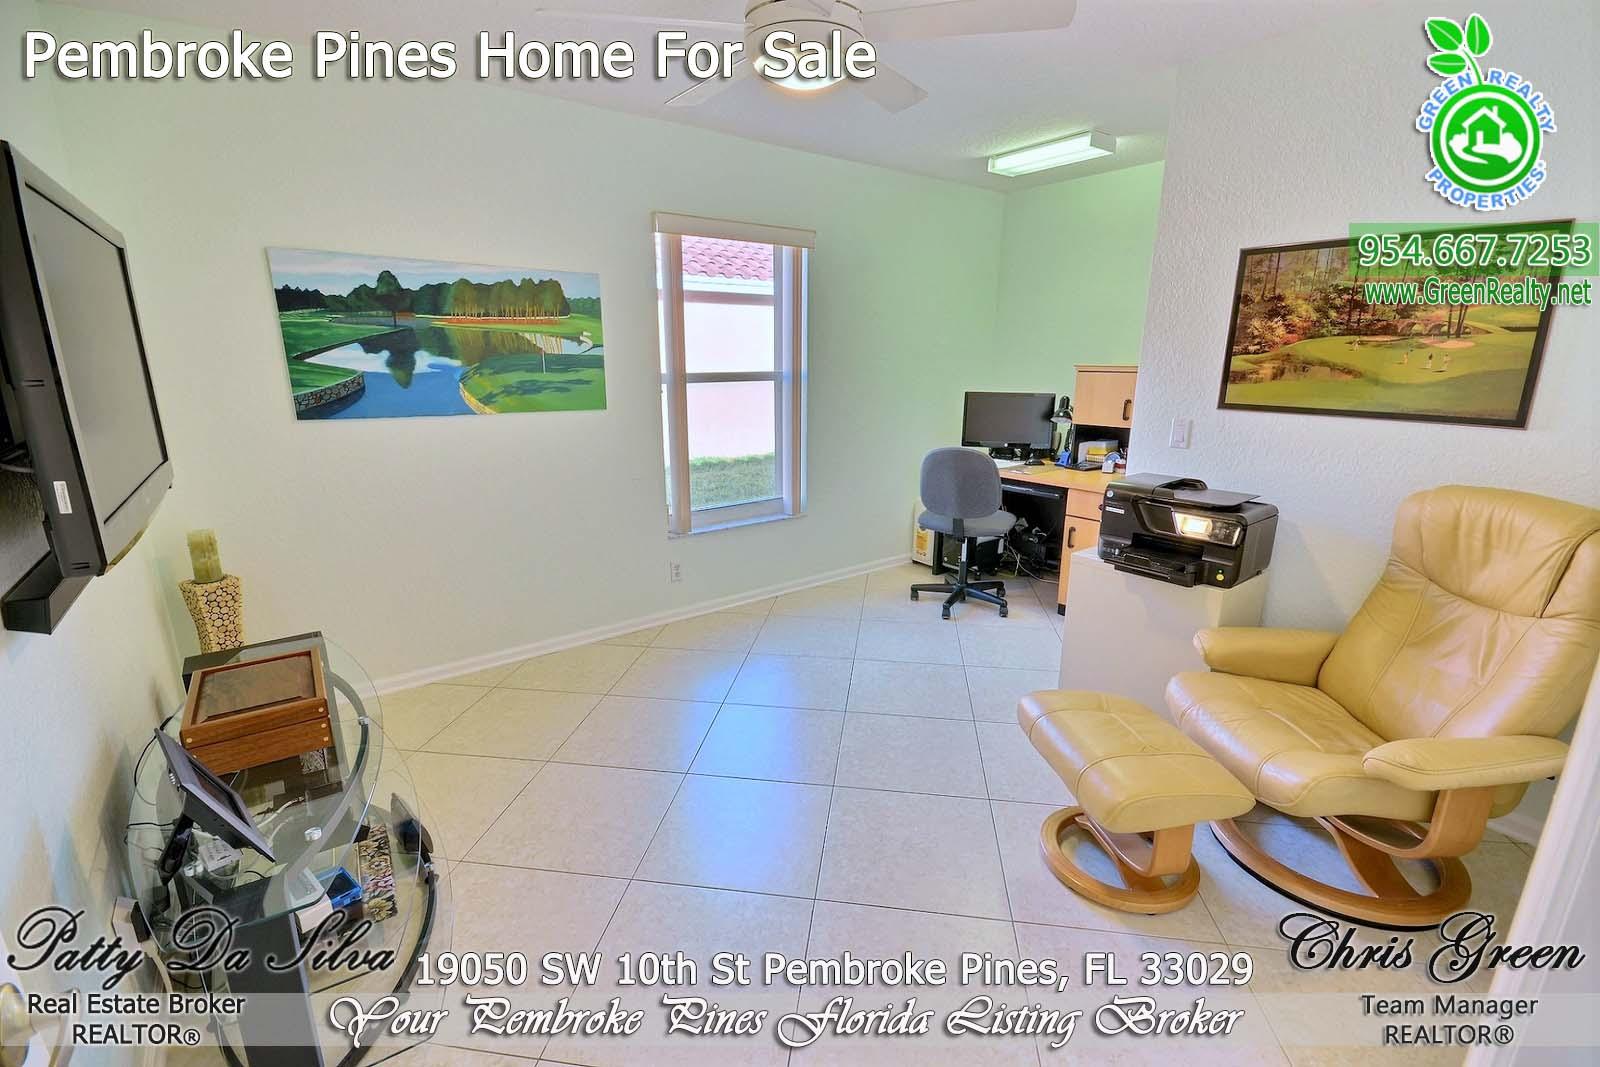 25 Patty Da Silva SELLS Pembroke Pines Homes (3)